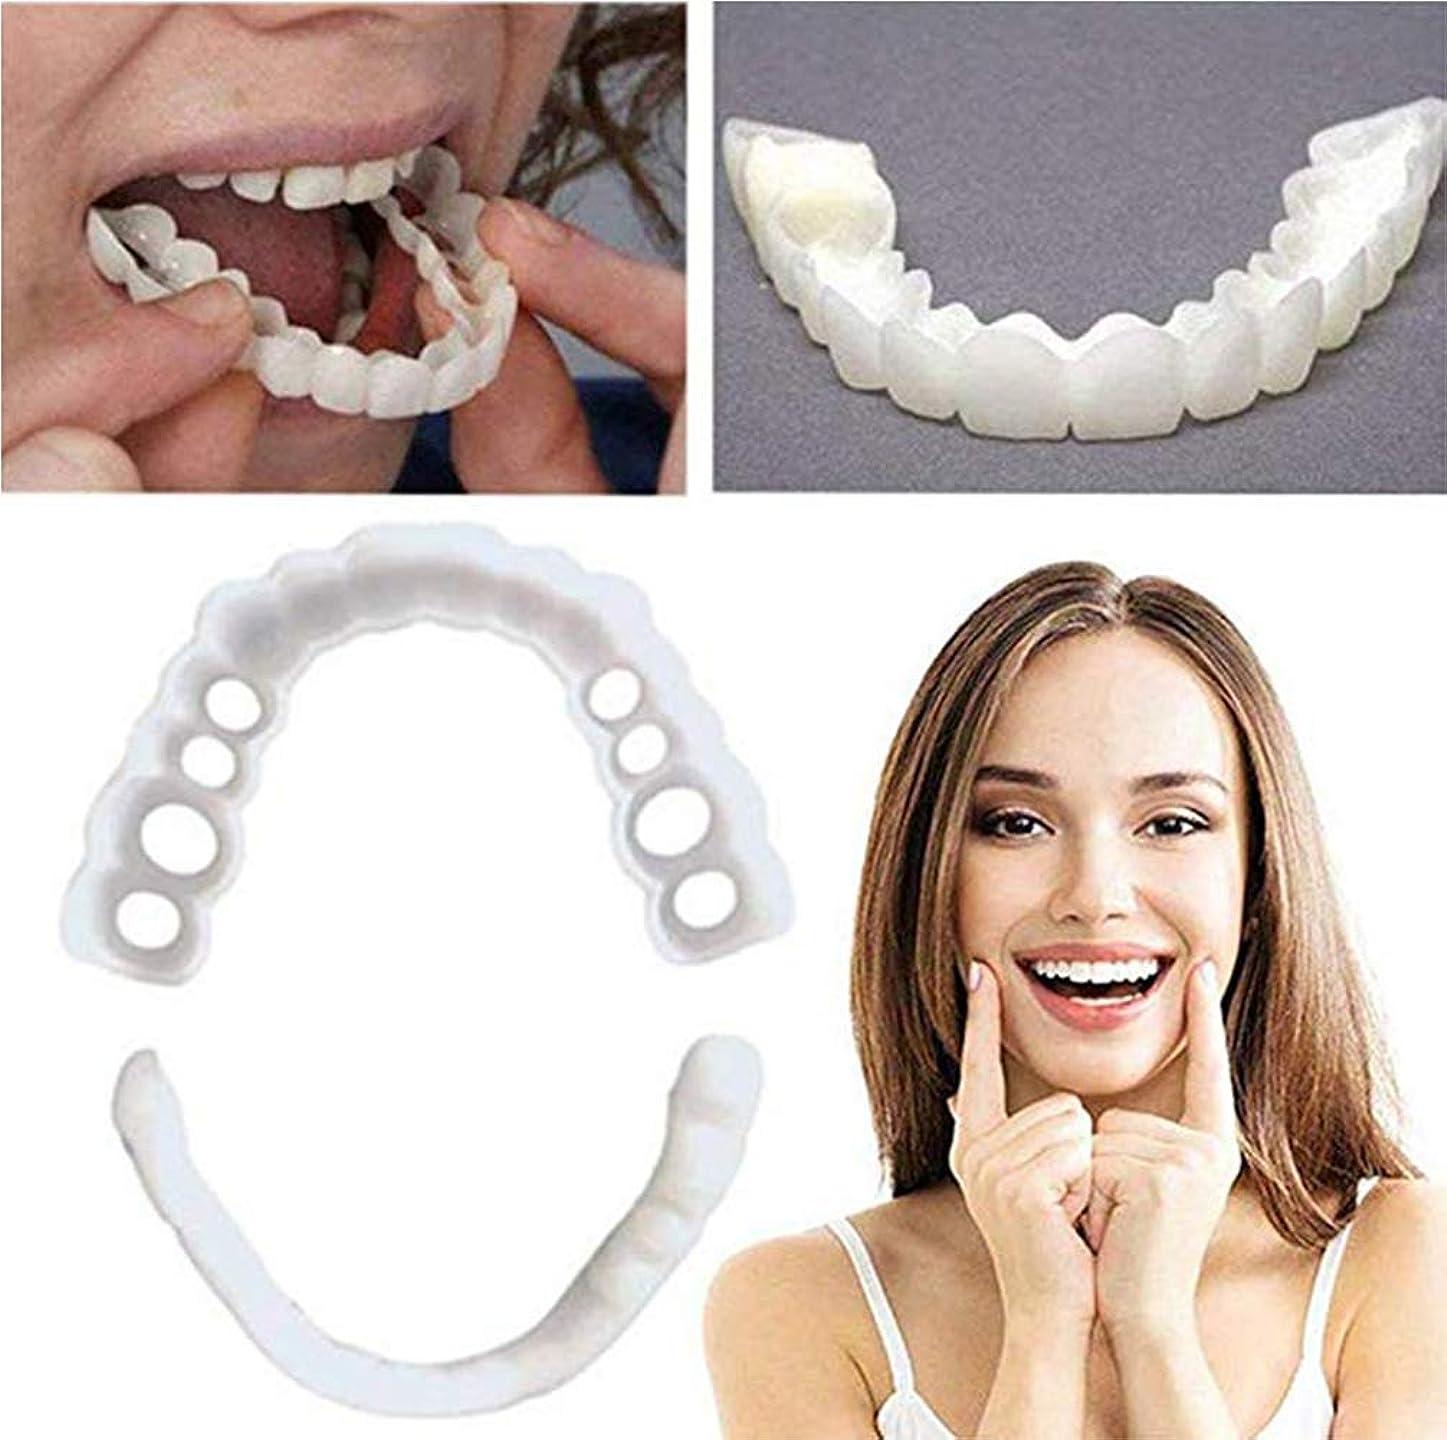 補うメッシュ慣性2セットコンフォートフィット歯プロテクタートップベニア歯とボトムベニア化粧品の歯義歯歯のベニア(ボトム+トップ)